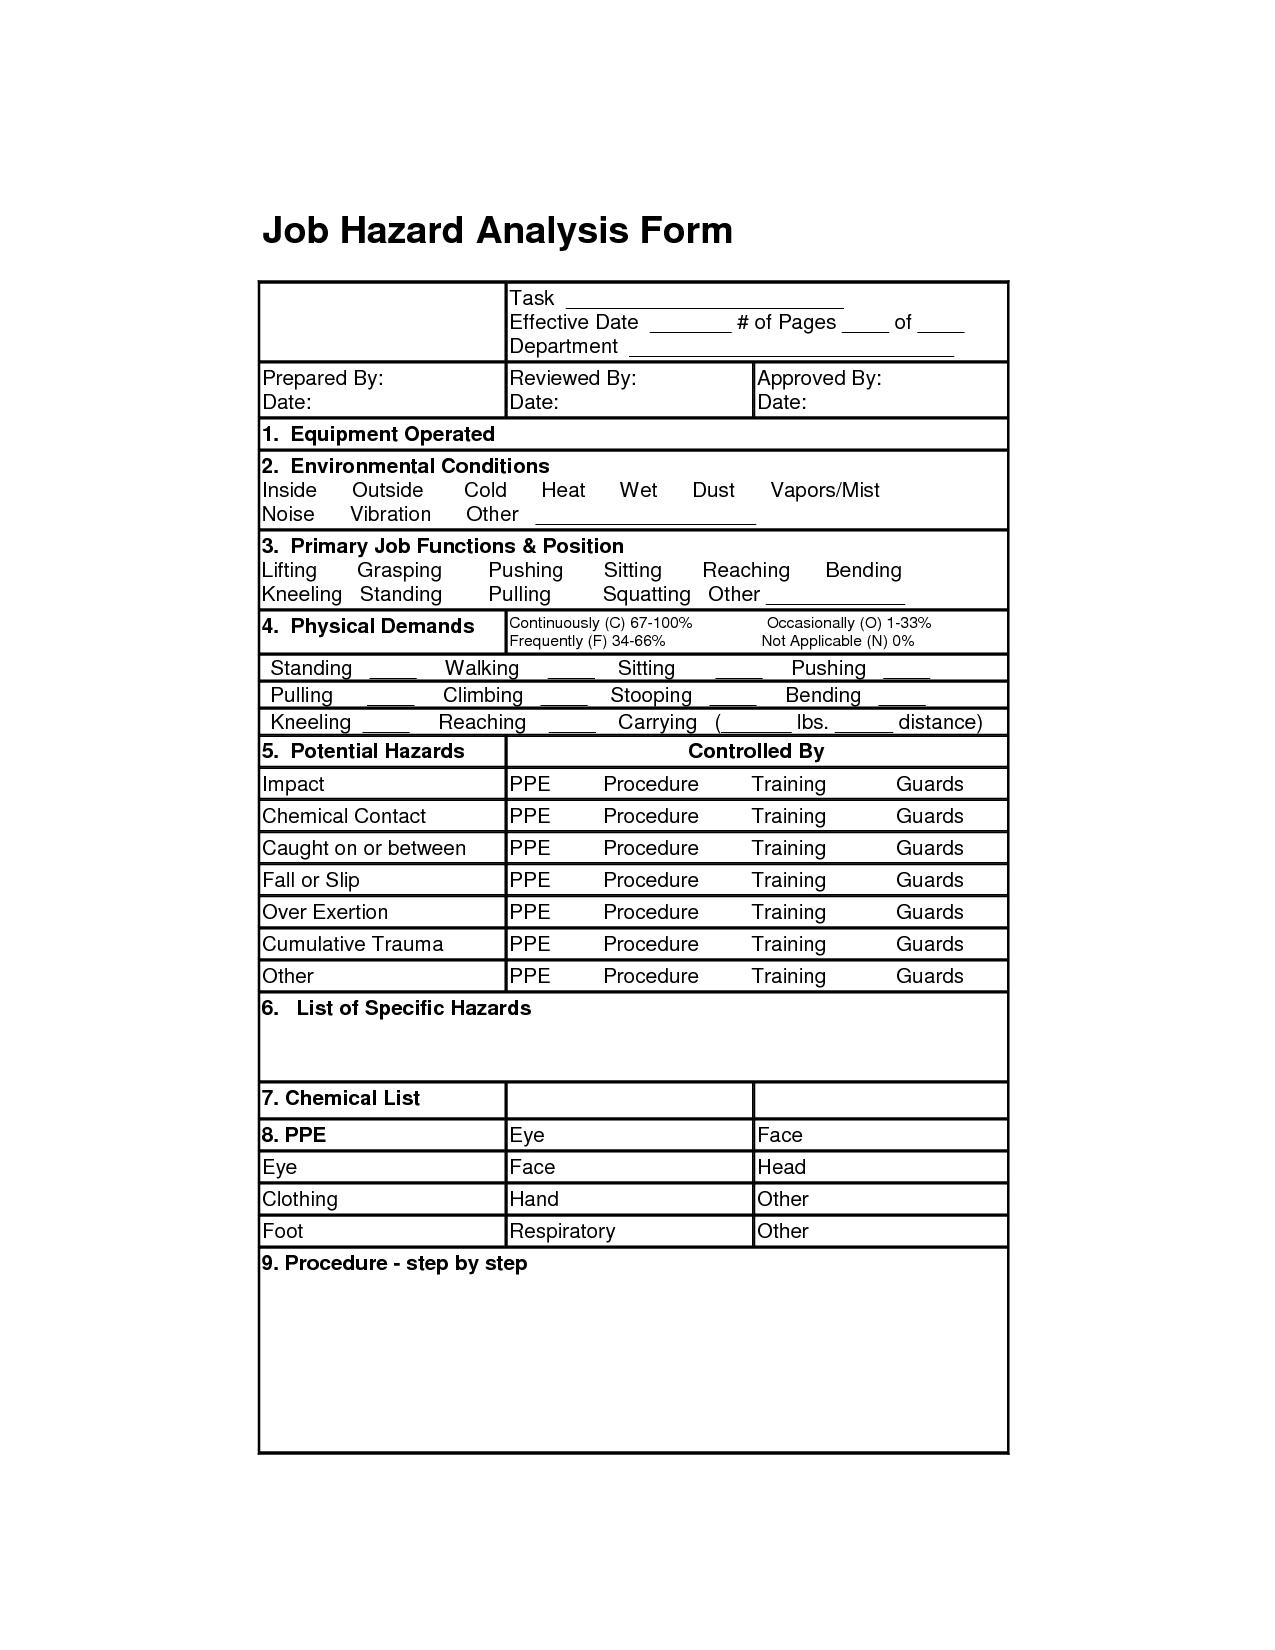 Job Hazardysis Form